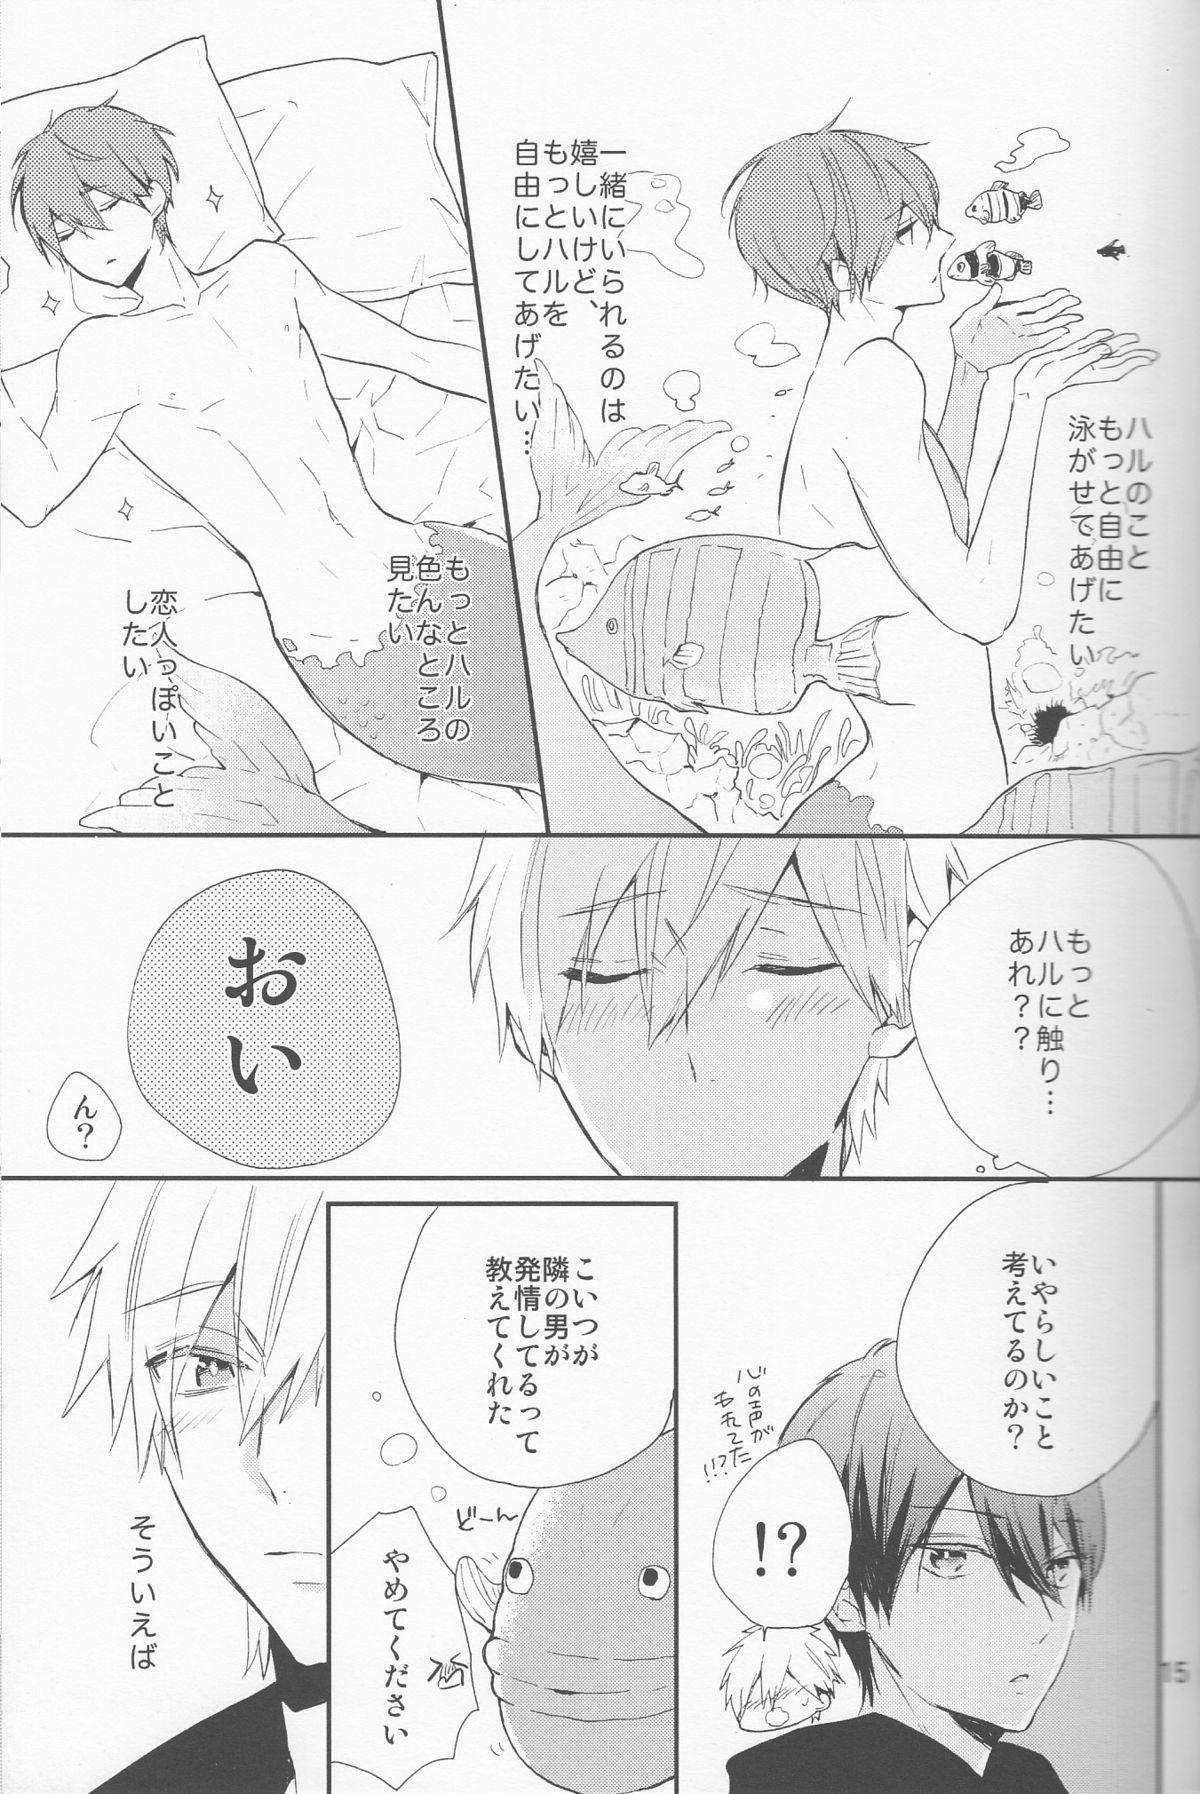 Shouboushi to Ningyo no Hon. 13